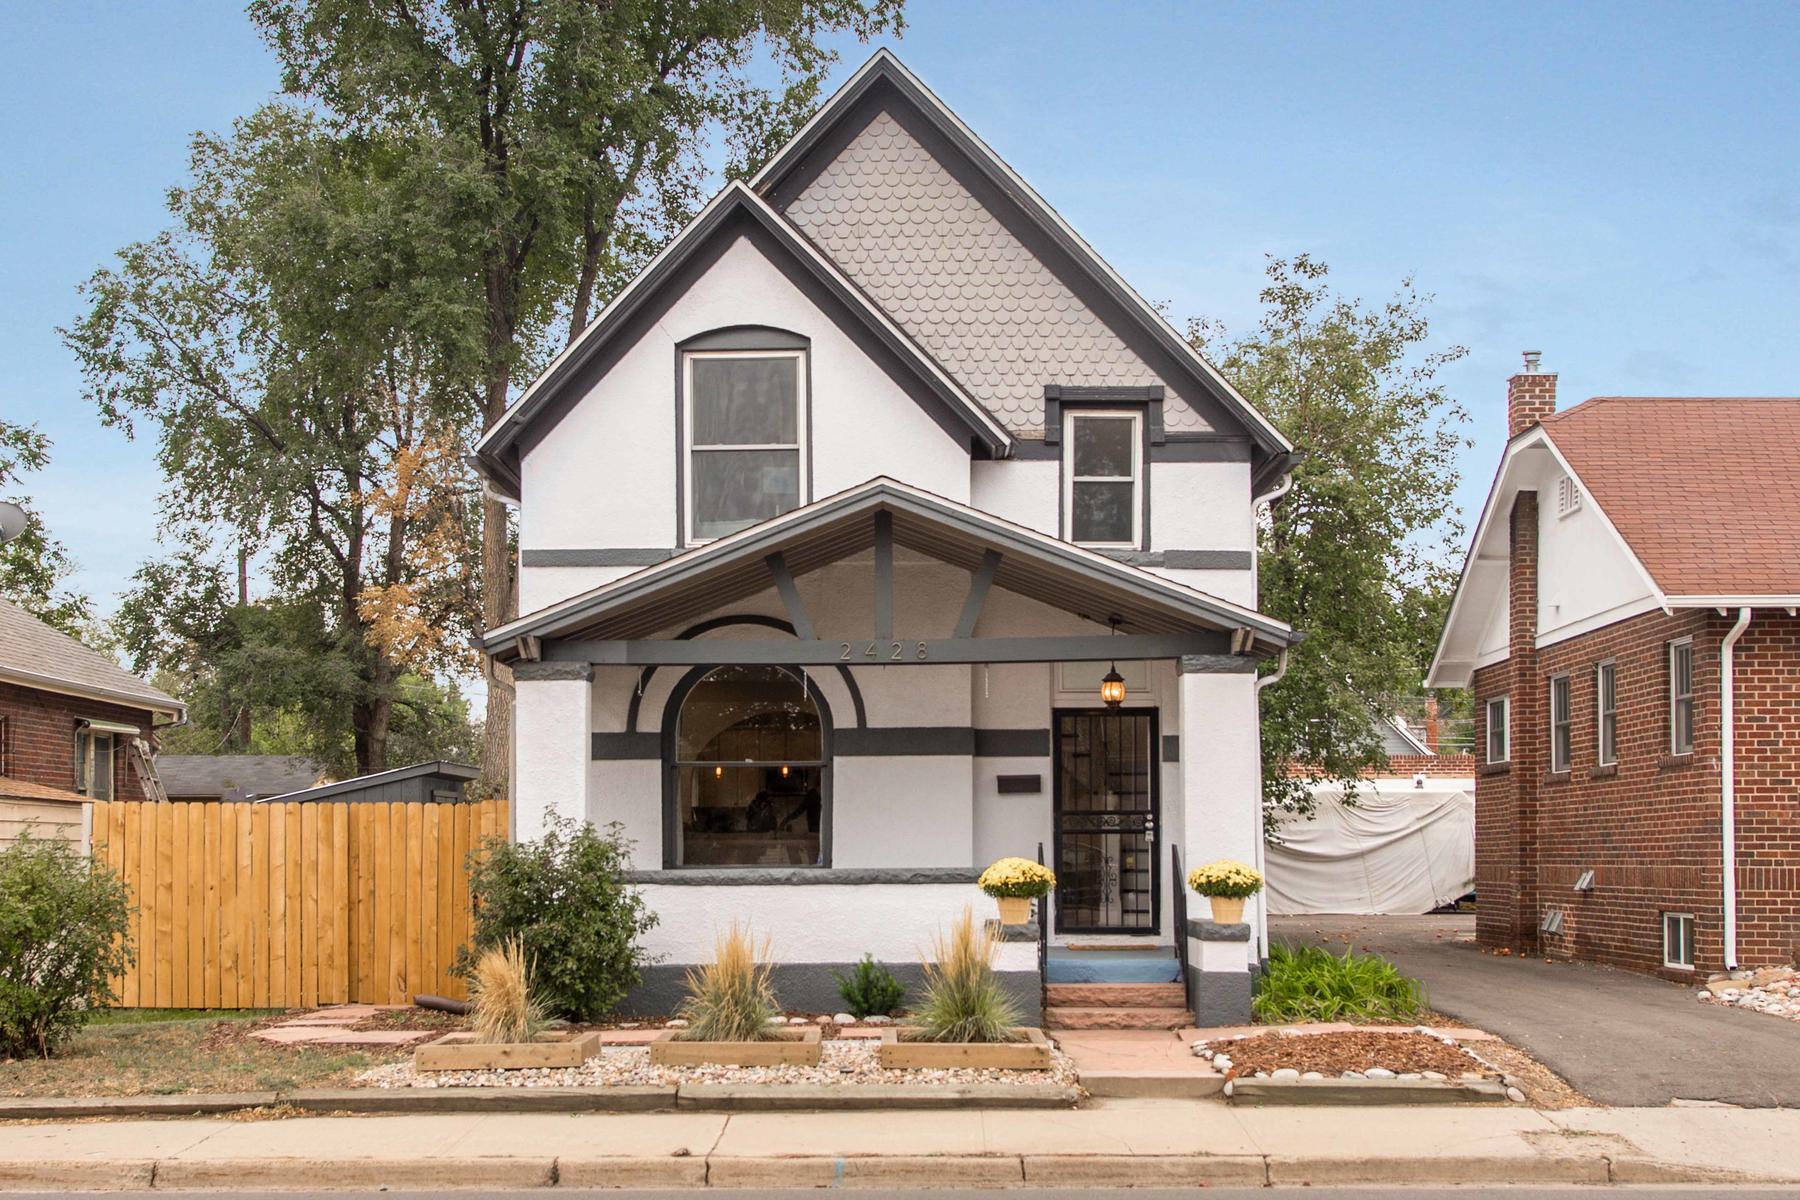 Property por un Venta en Urban Living With Vintage Sophistication 2428 W 38th Ave Denver, Colorado 80211 Estados Unidos